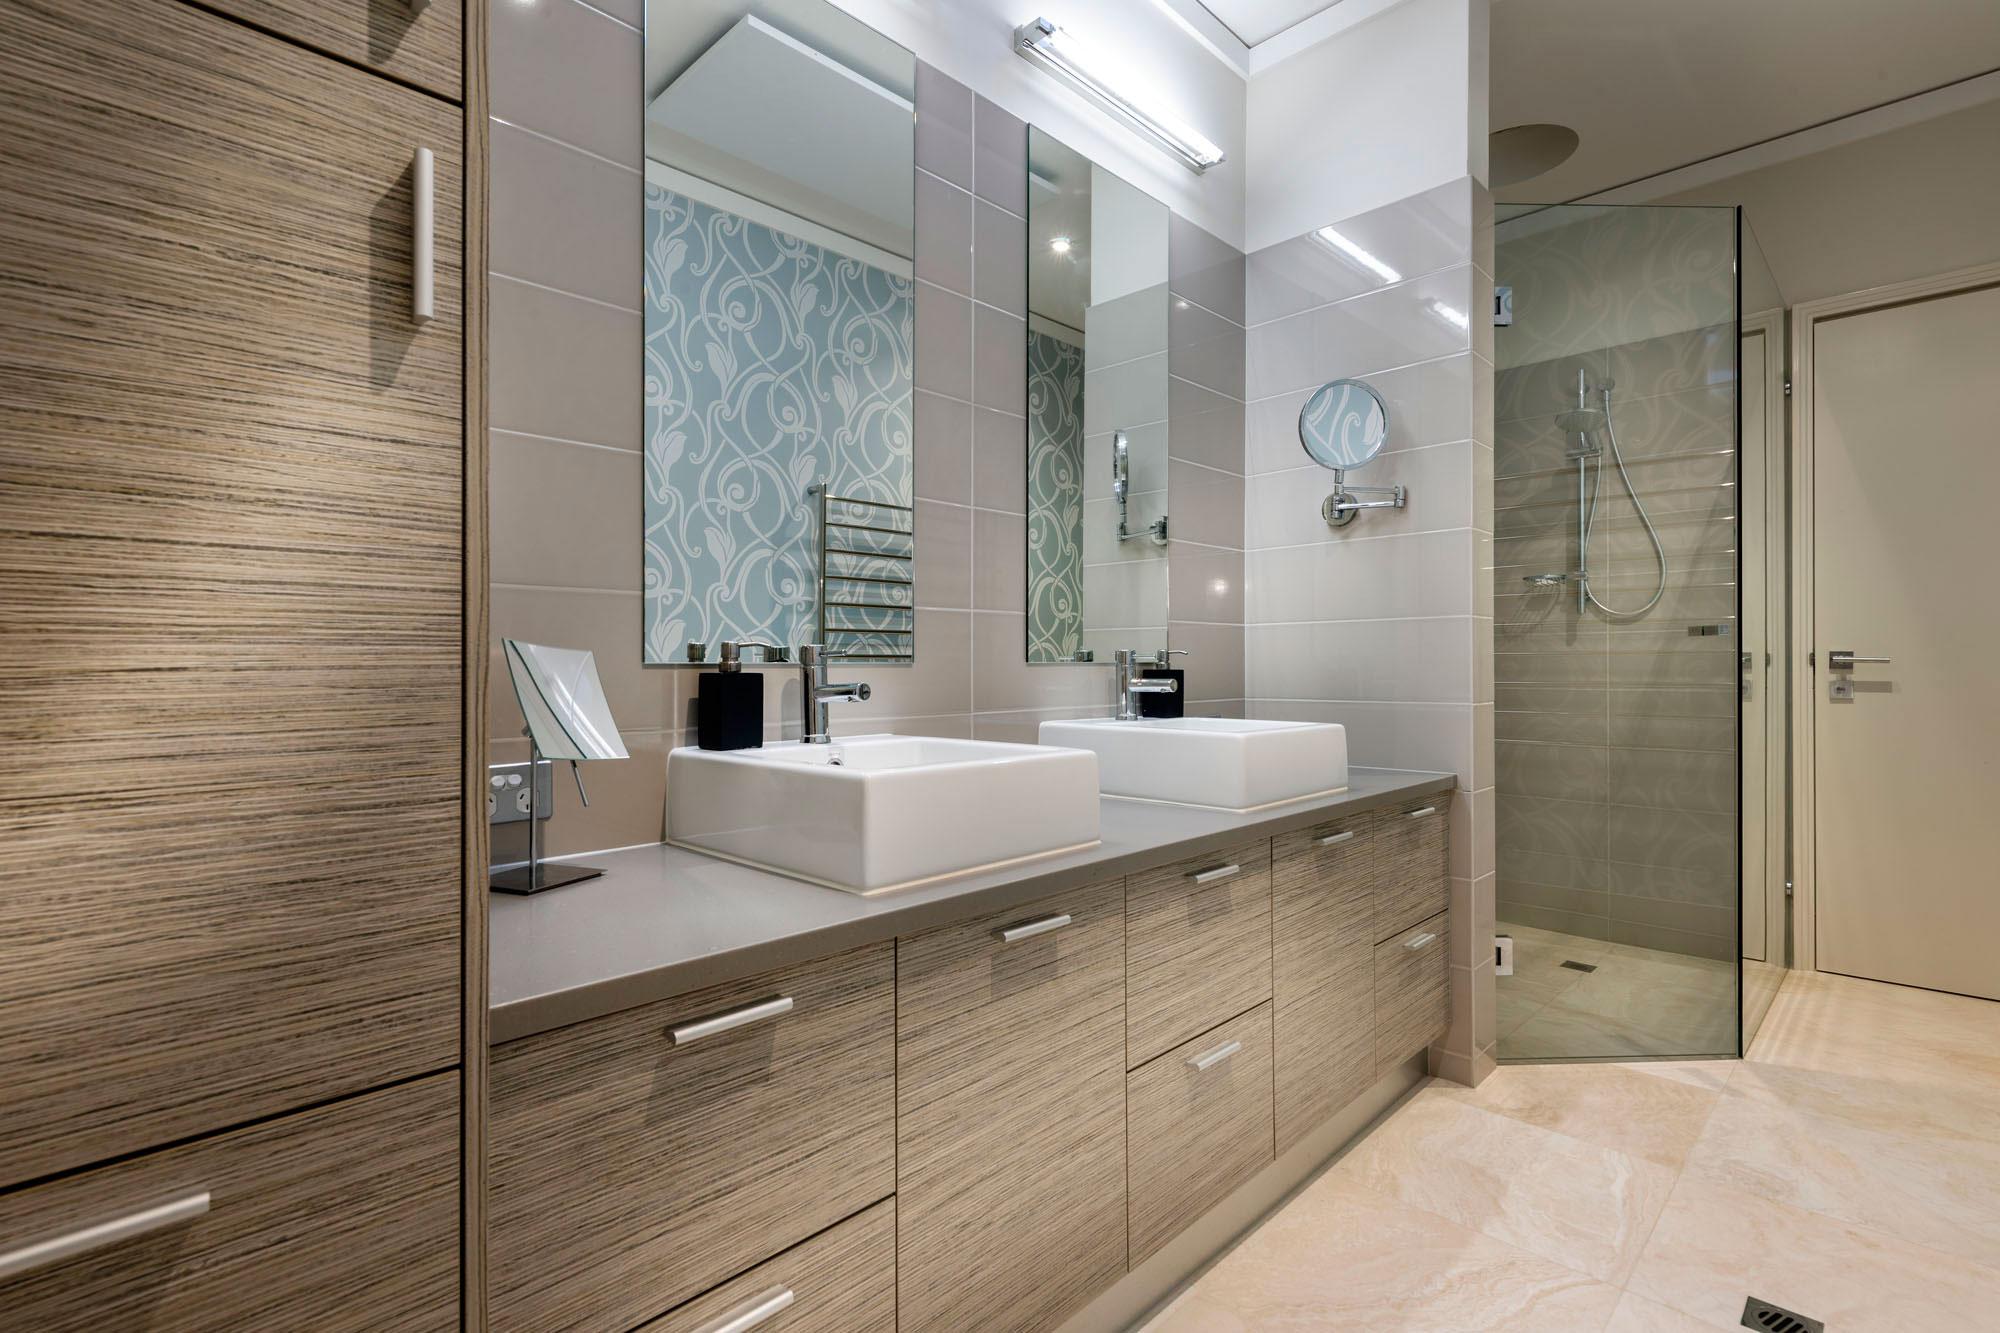 Ванные комнаты дизайн в современном стиле